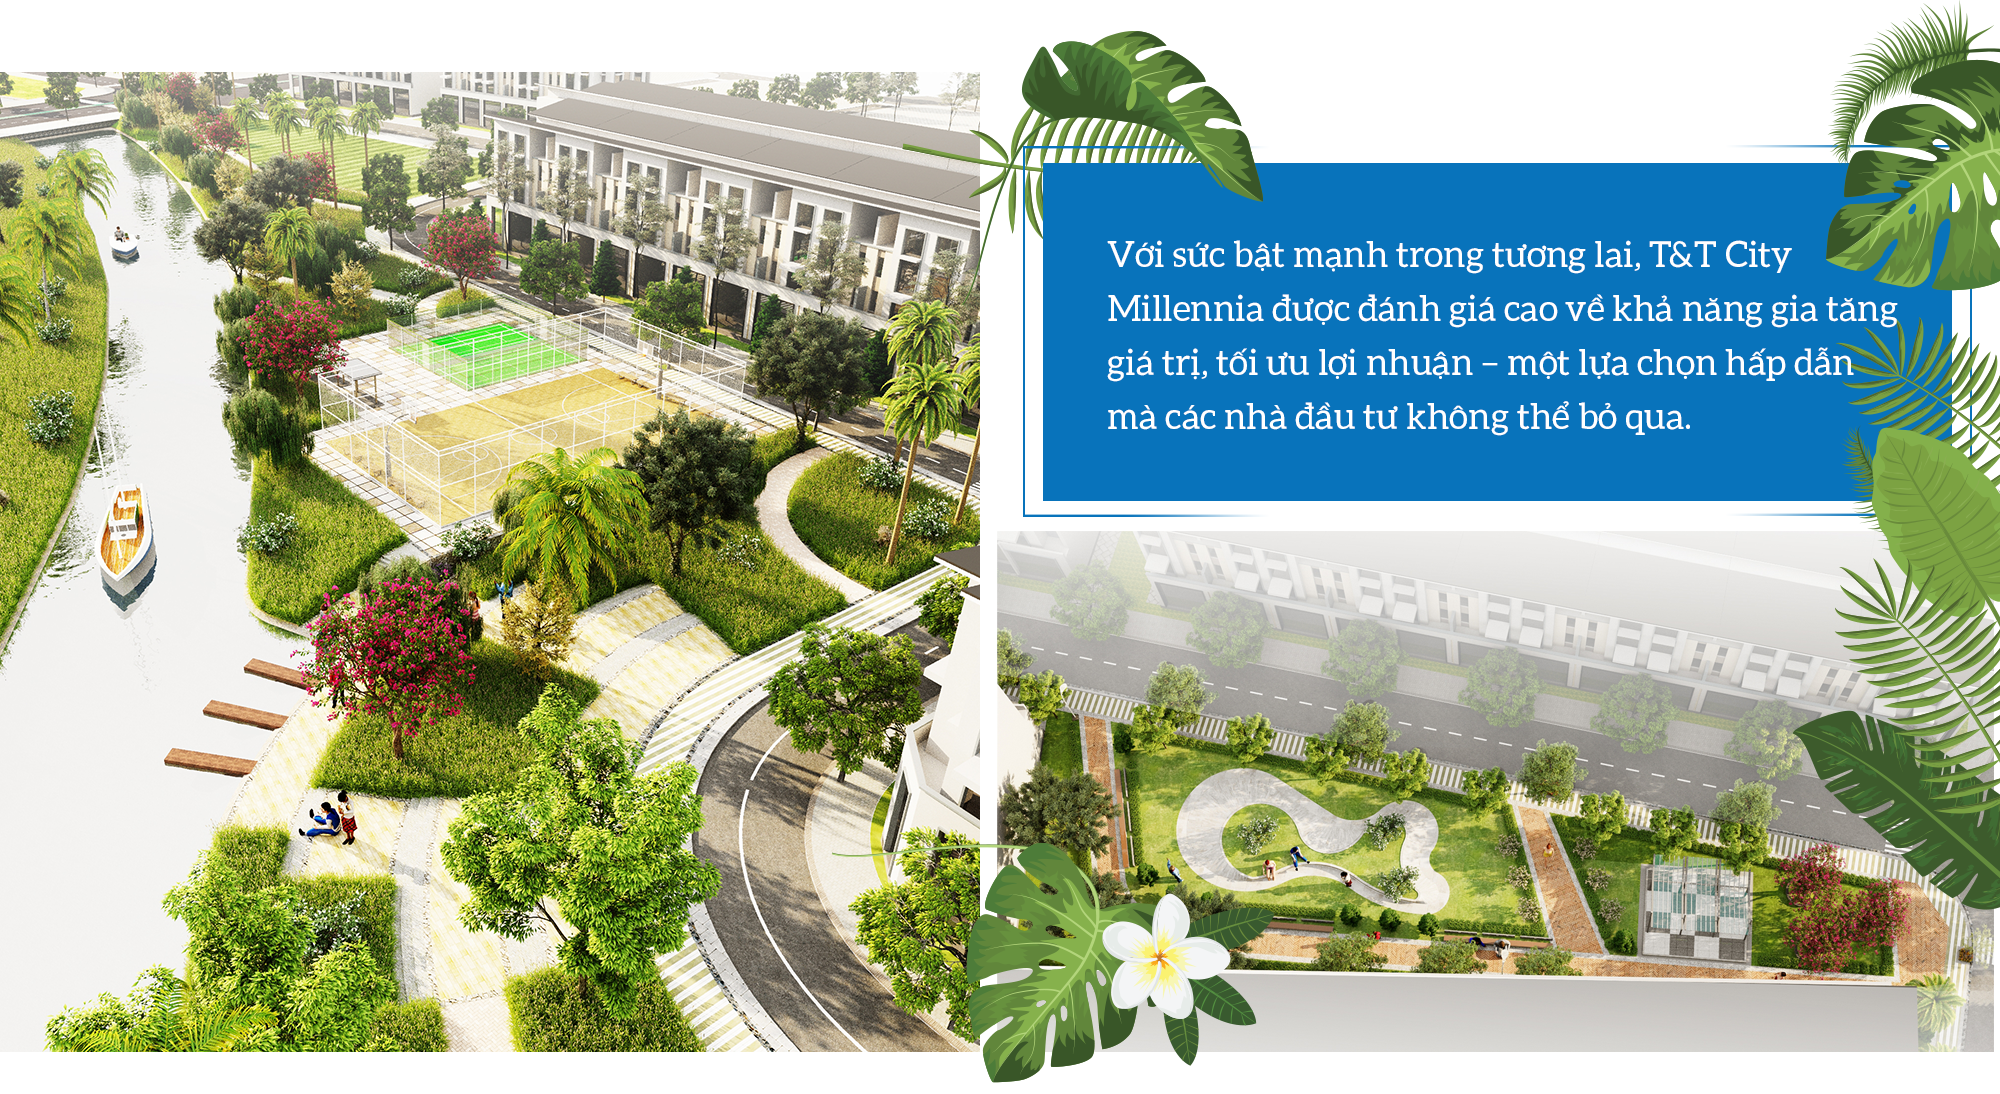 Thành phố Thiên niên kỷ T&T City Millennia – Miền đất hứa cho giấc mơ tương lai - Ảnh 5.